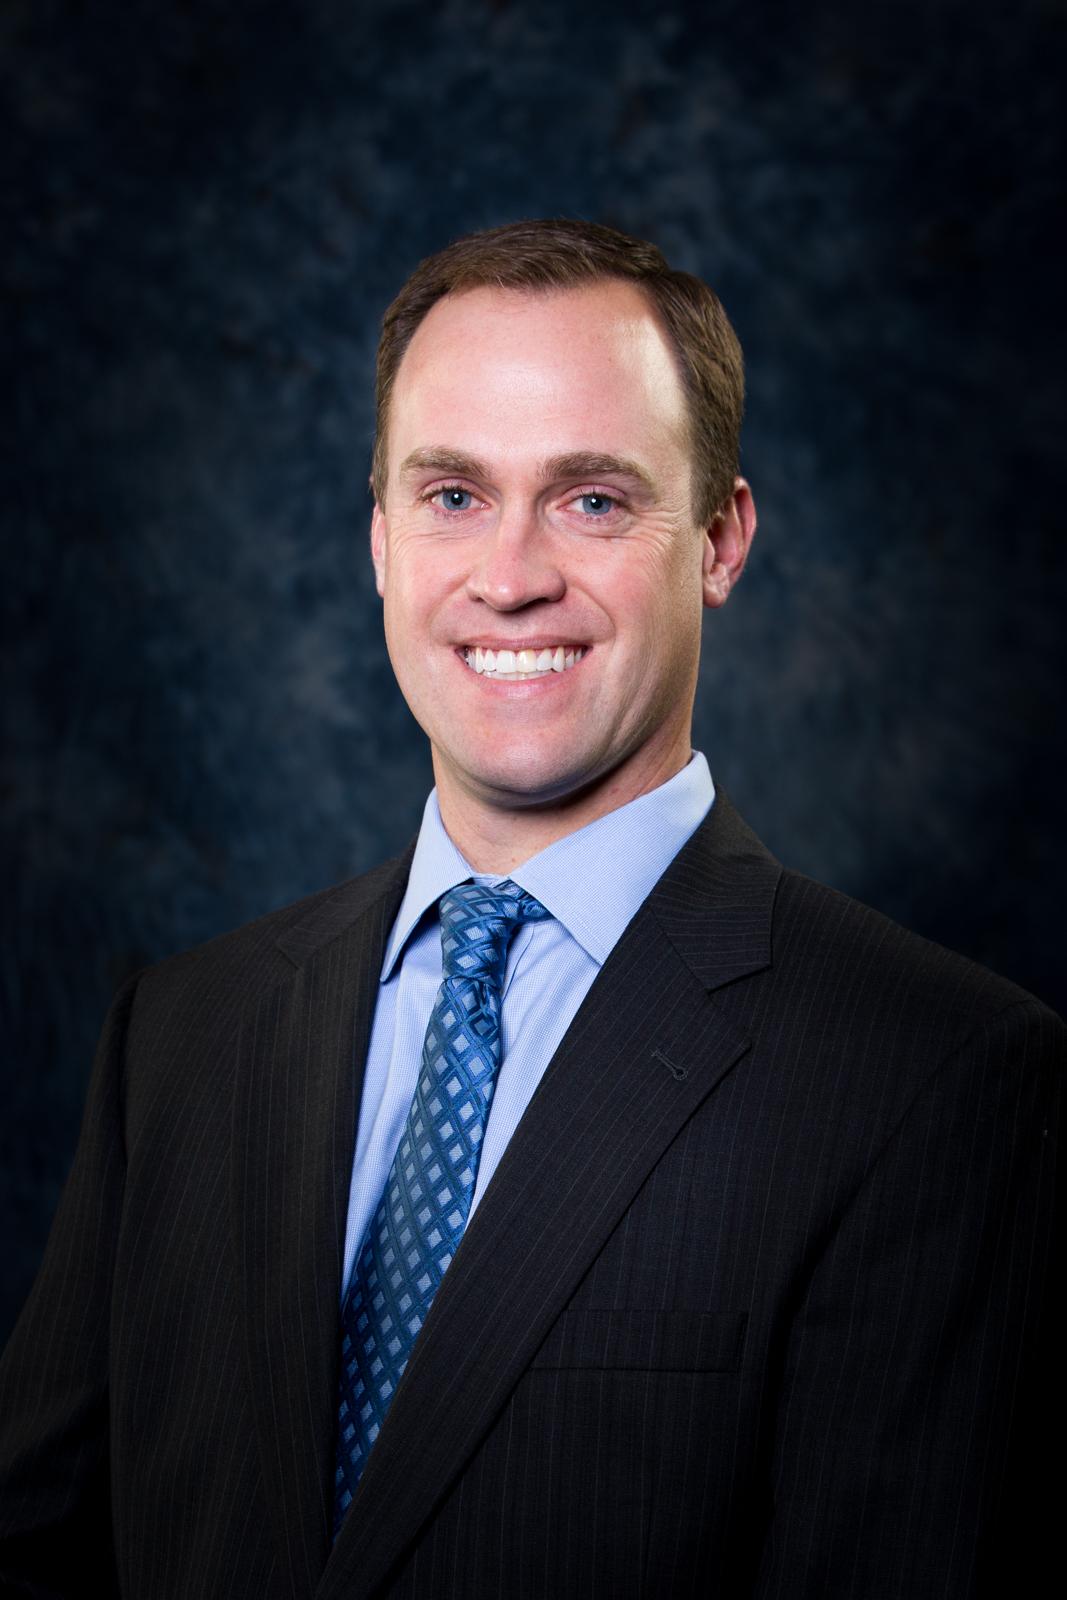 Steven C. Wurster